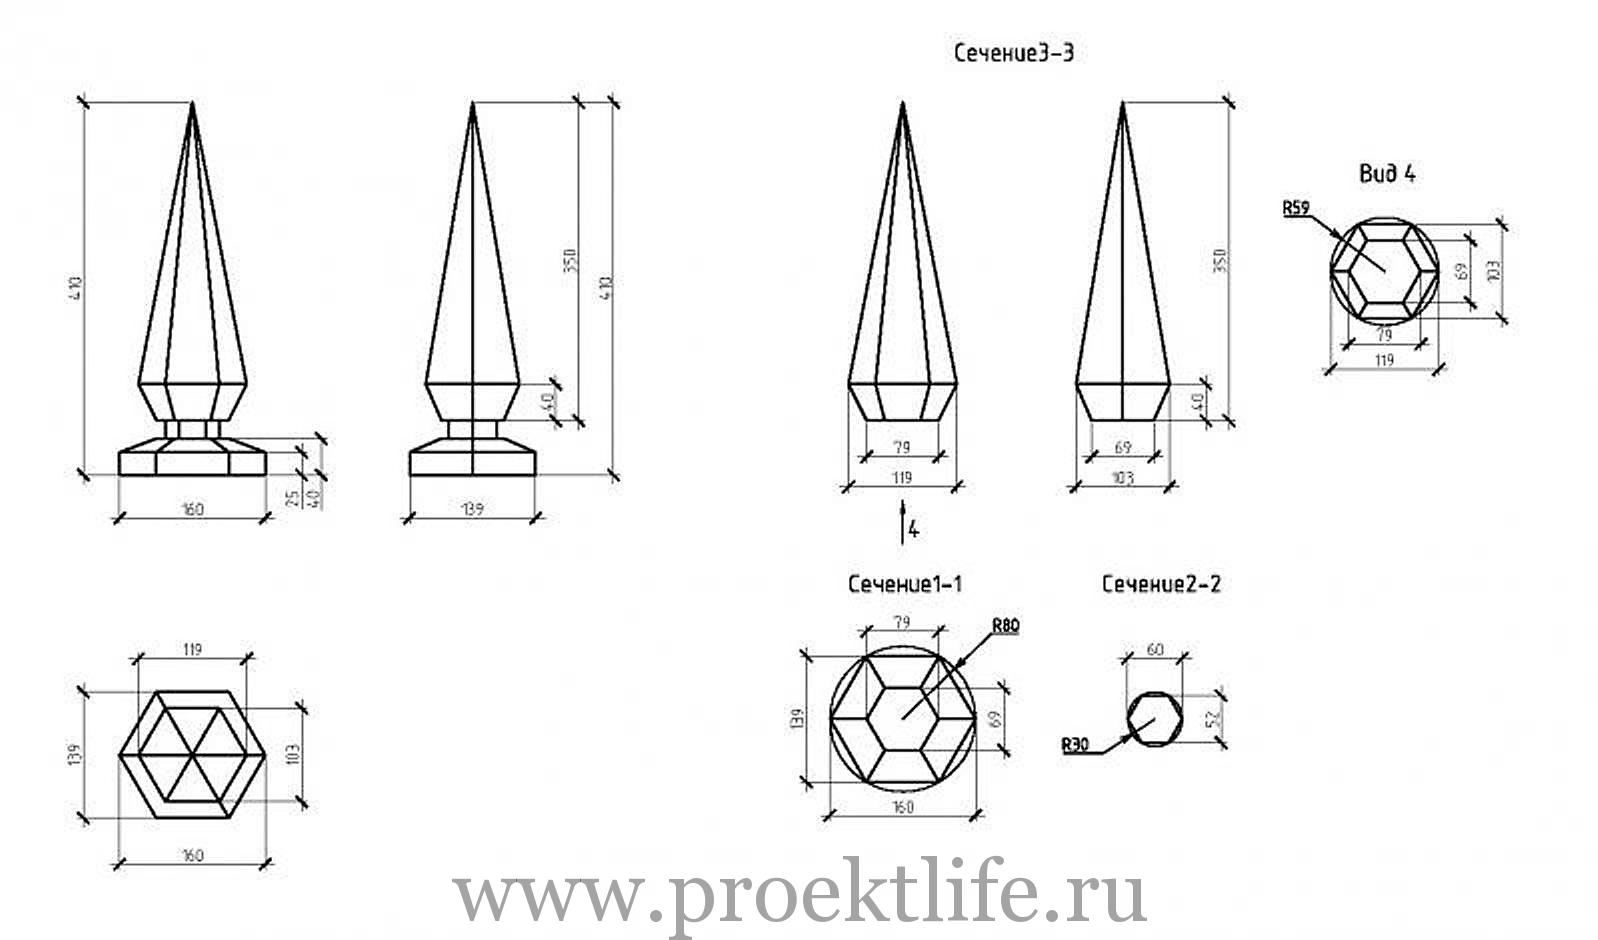 Проект шестигранной беседки Москва